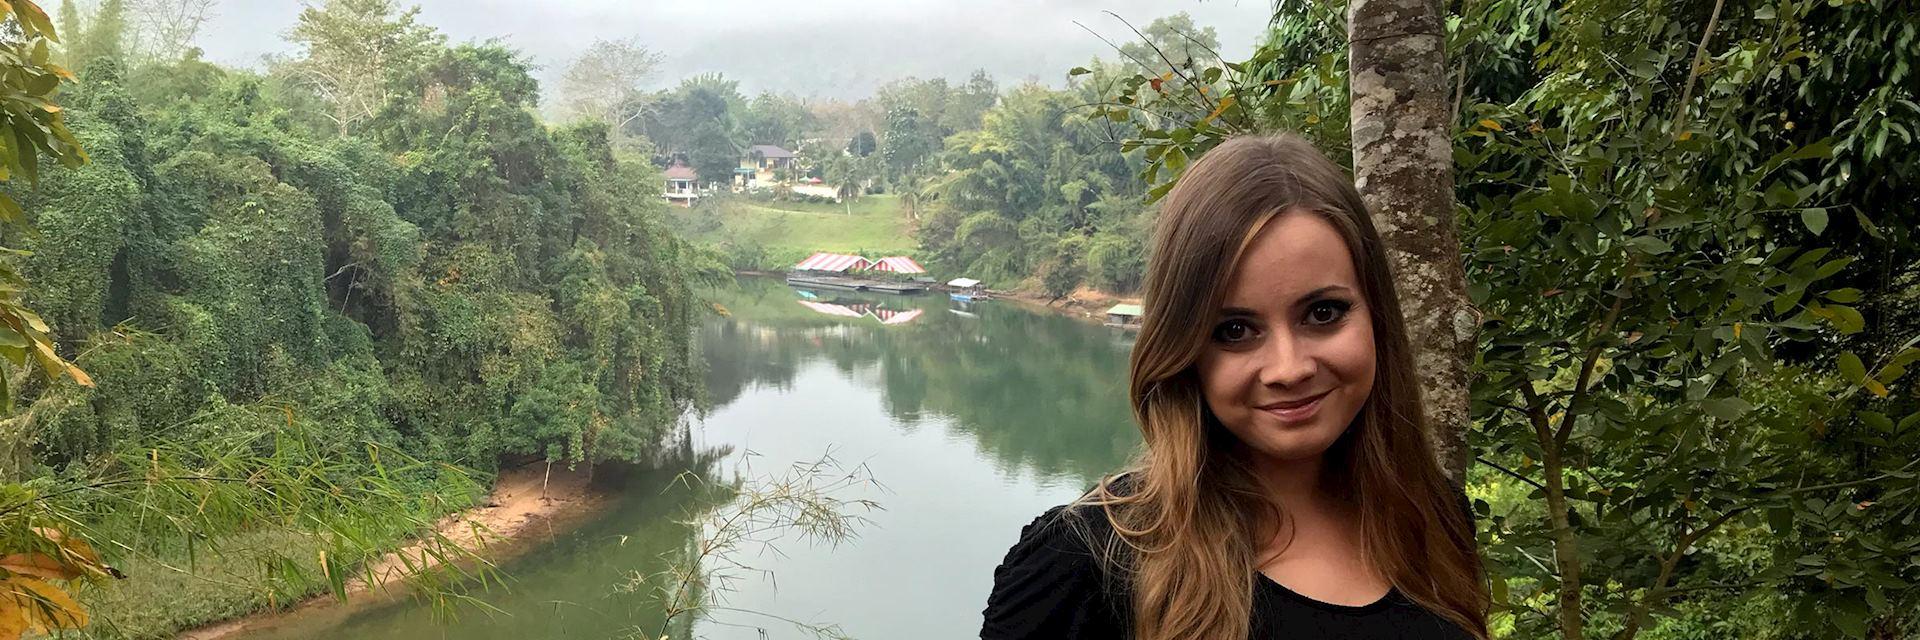 Elyssa in Kanchanaburi, Thailand